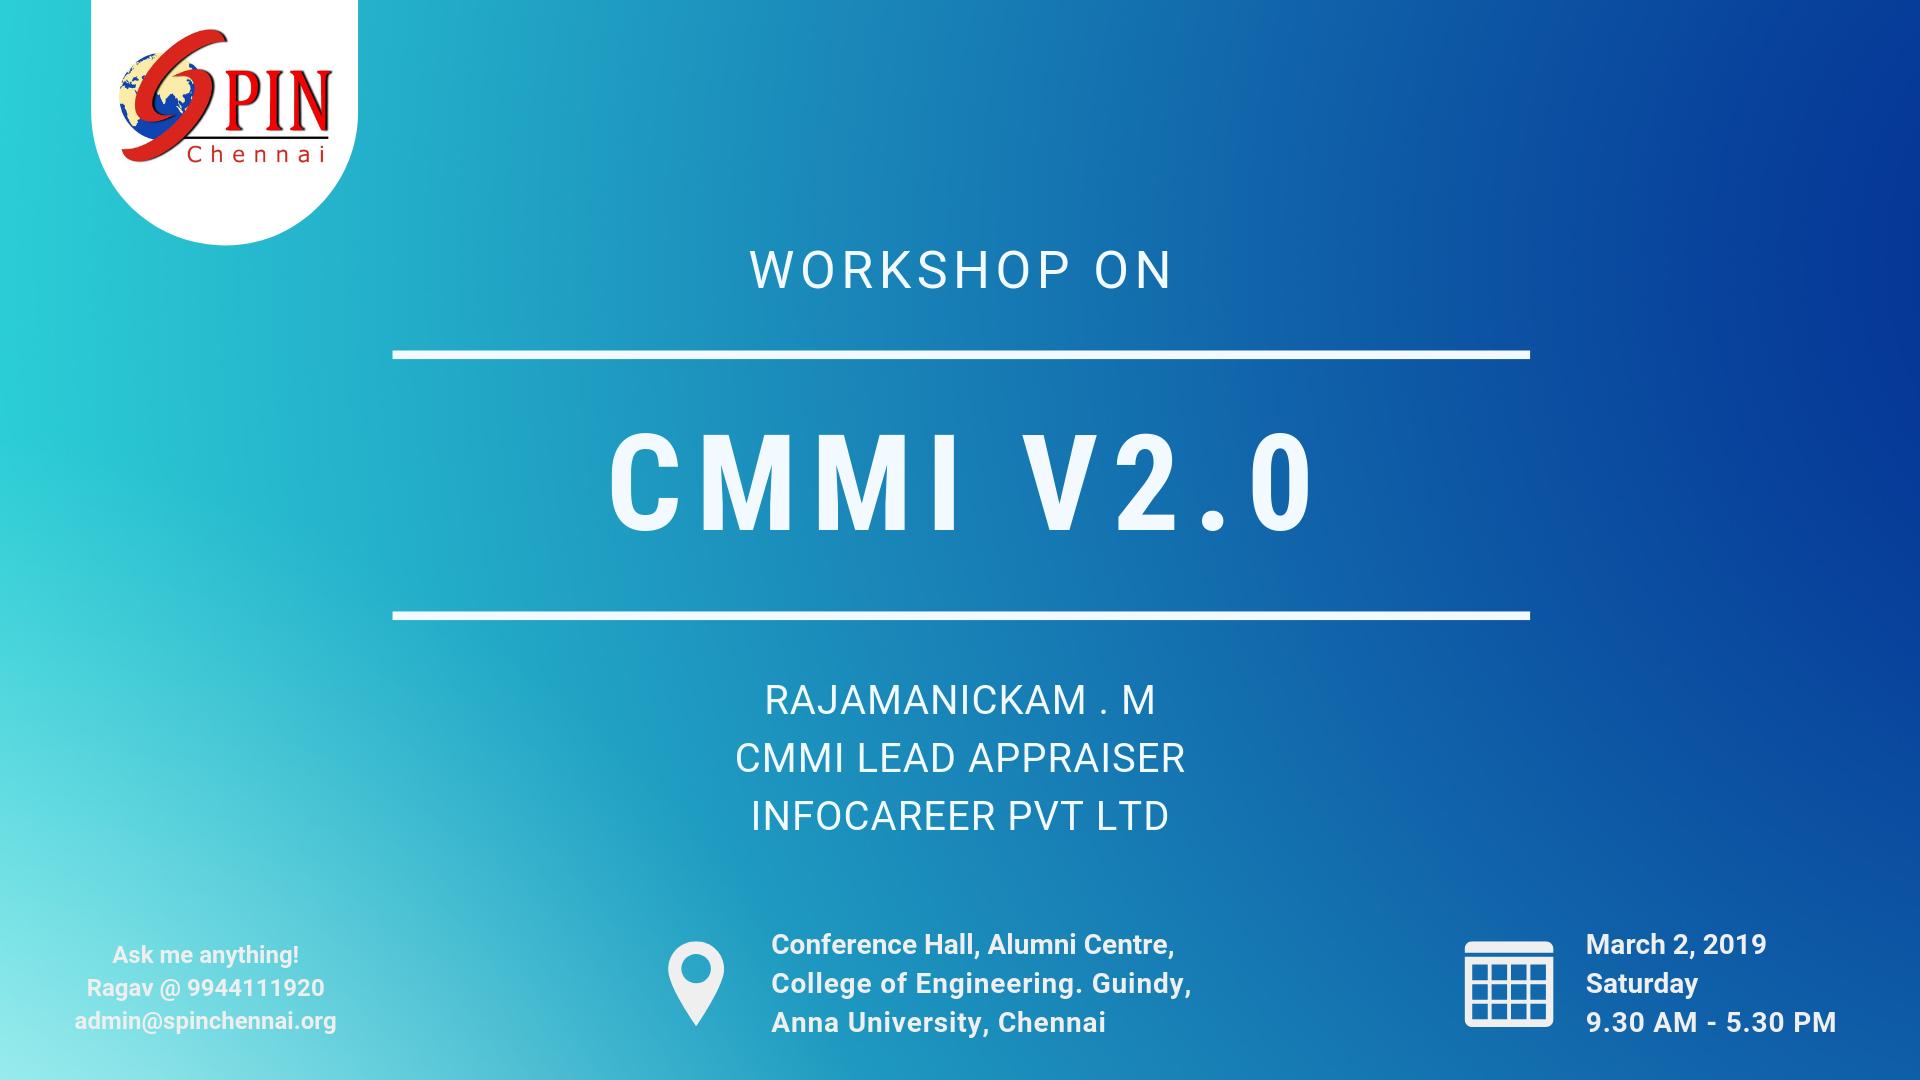 CMMI V2.0 Workshop